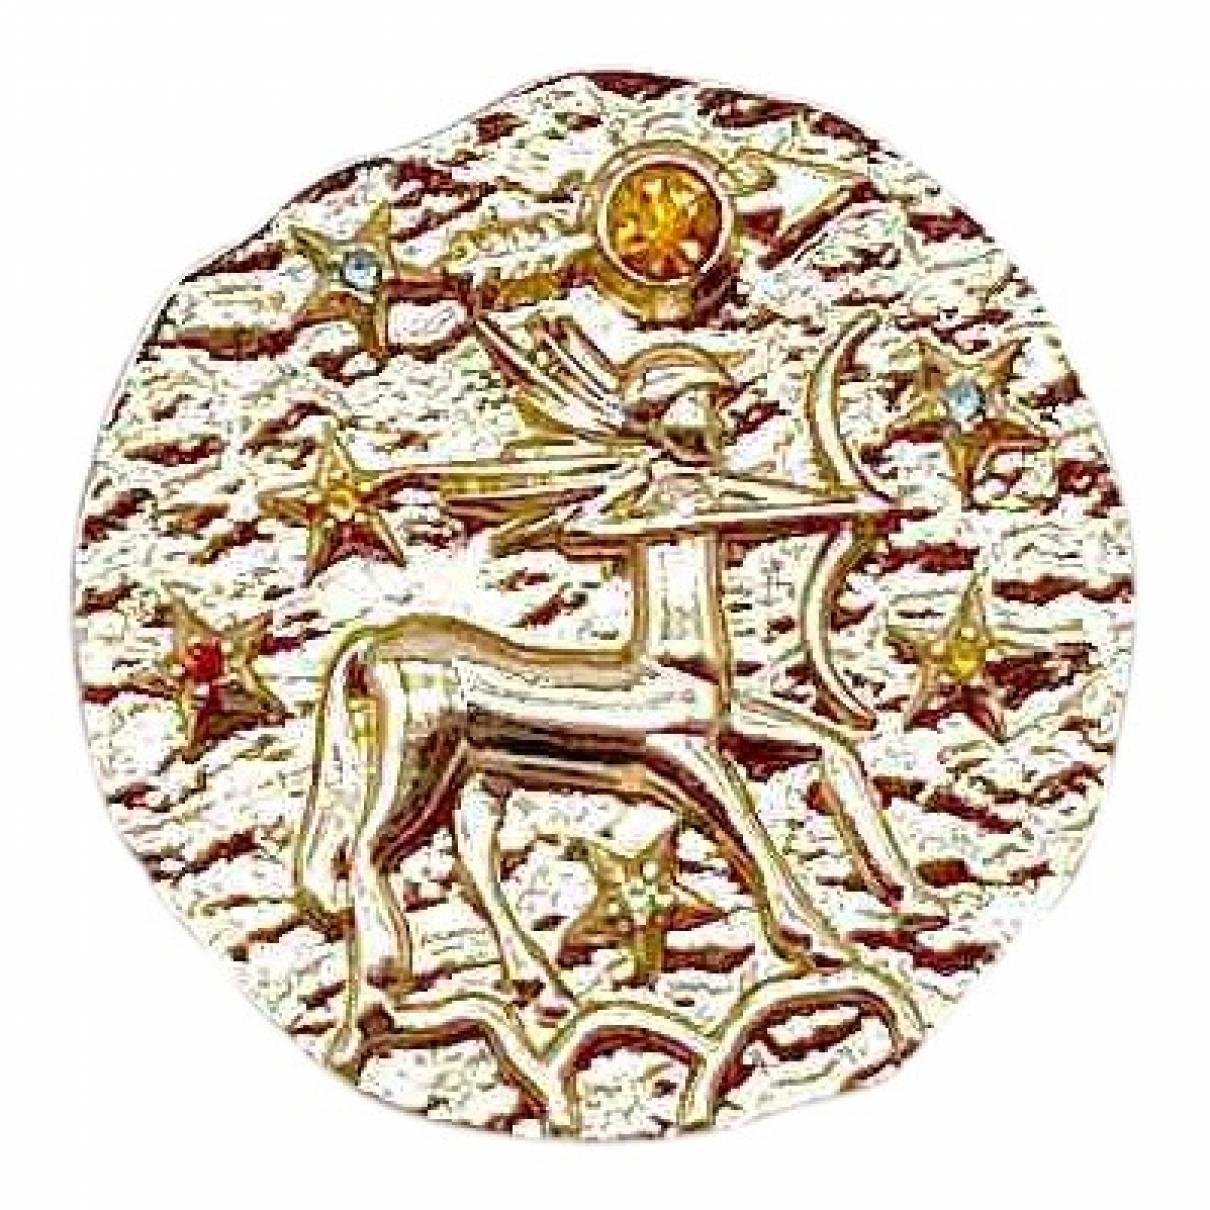 Broche Medailles en Metal Dorado Non Signe / Unsigned